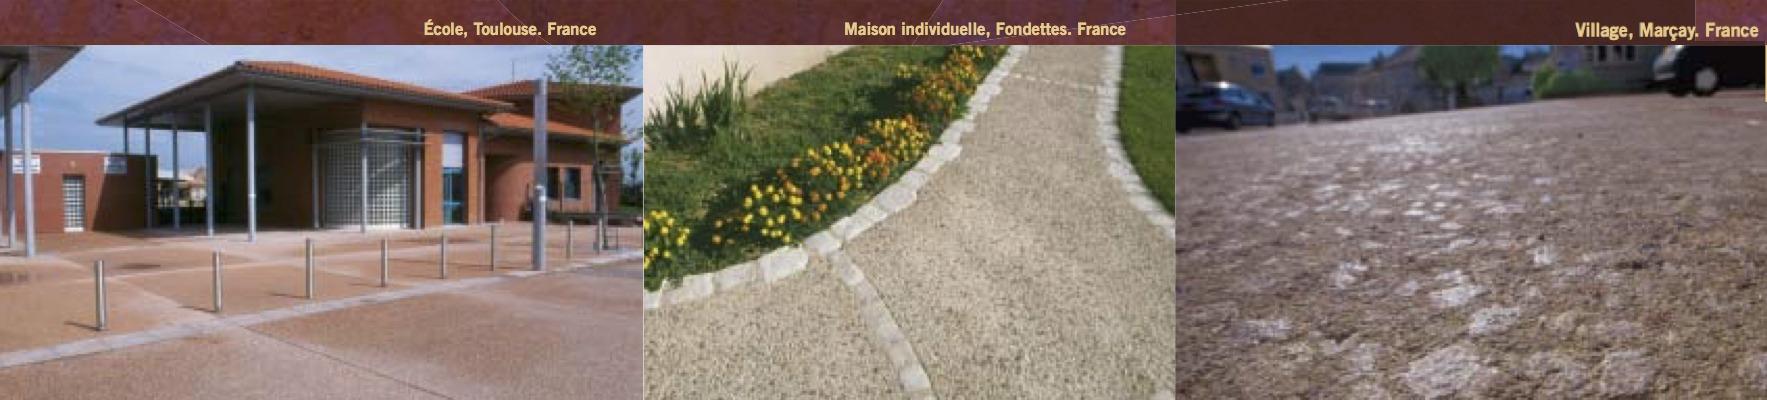 BPAI partenaire Larfarge Holcim brochure béton spéciaux décoratif Artevia - Béton Roche réalisation